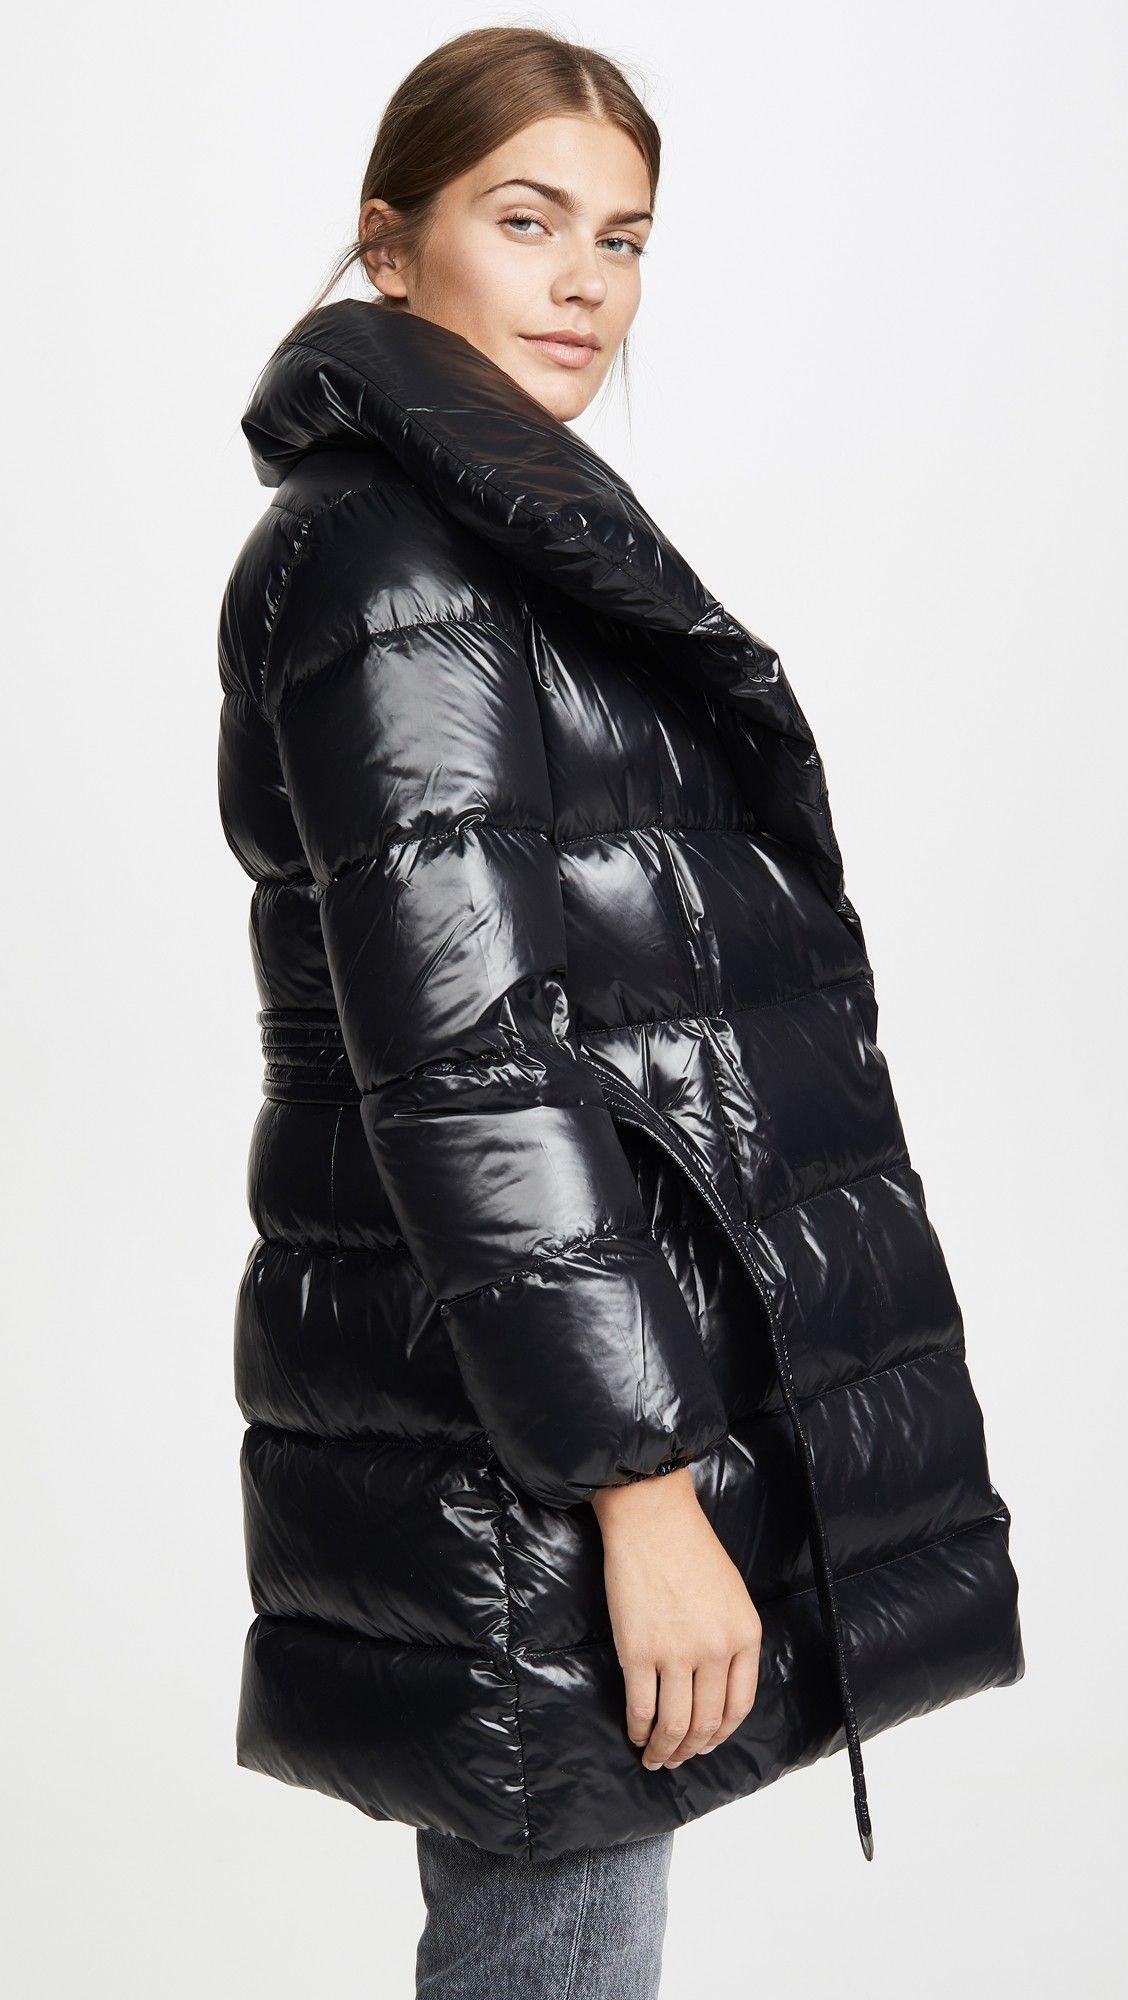 Mackage Linzie Jacket Mackage Jacket Puffer Jacket Women Jackets [ 2000 x 1128 Pixel ]